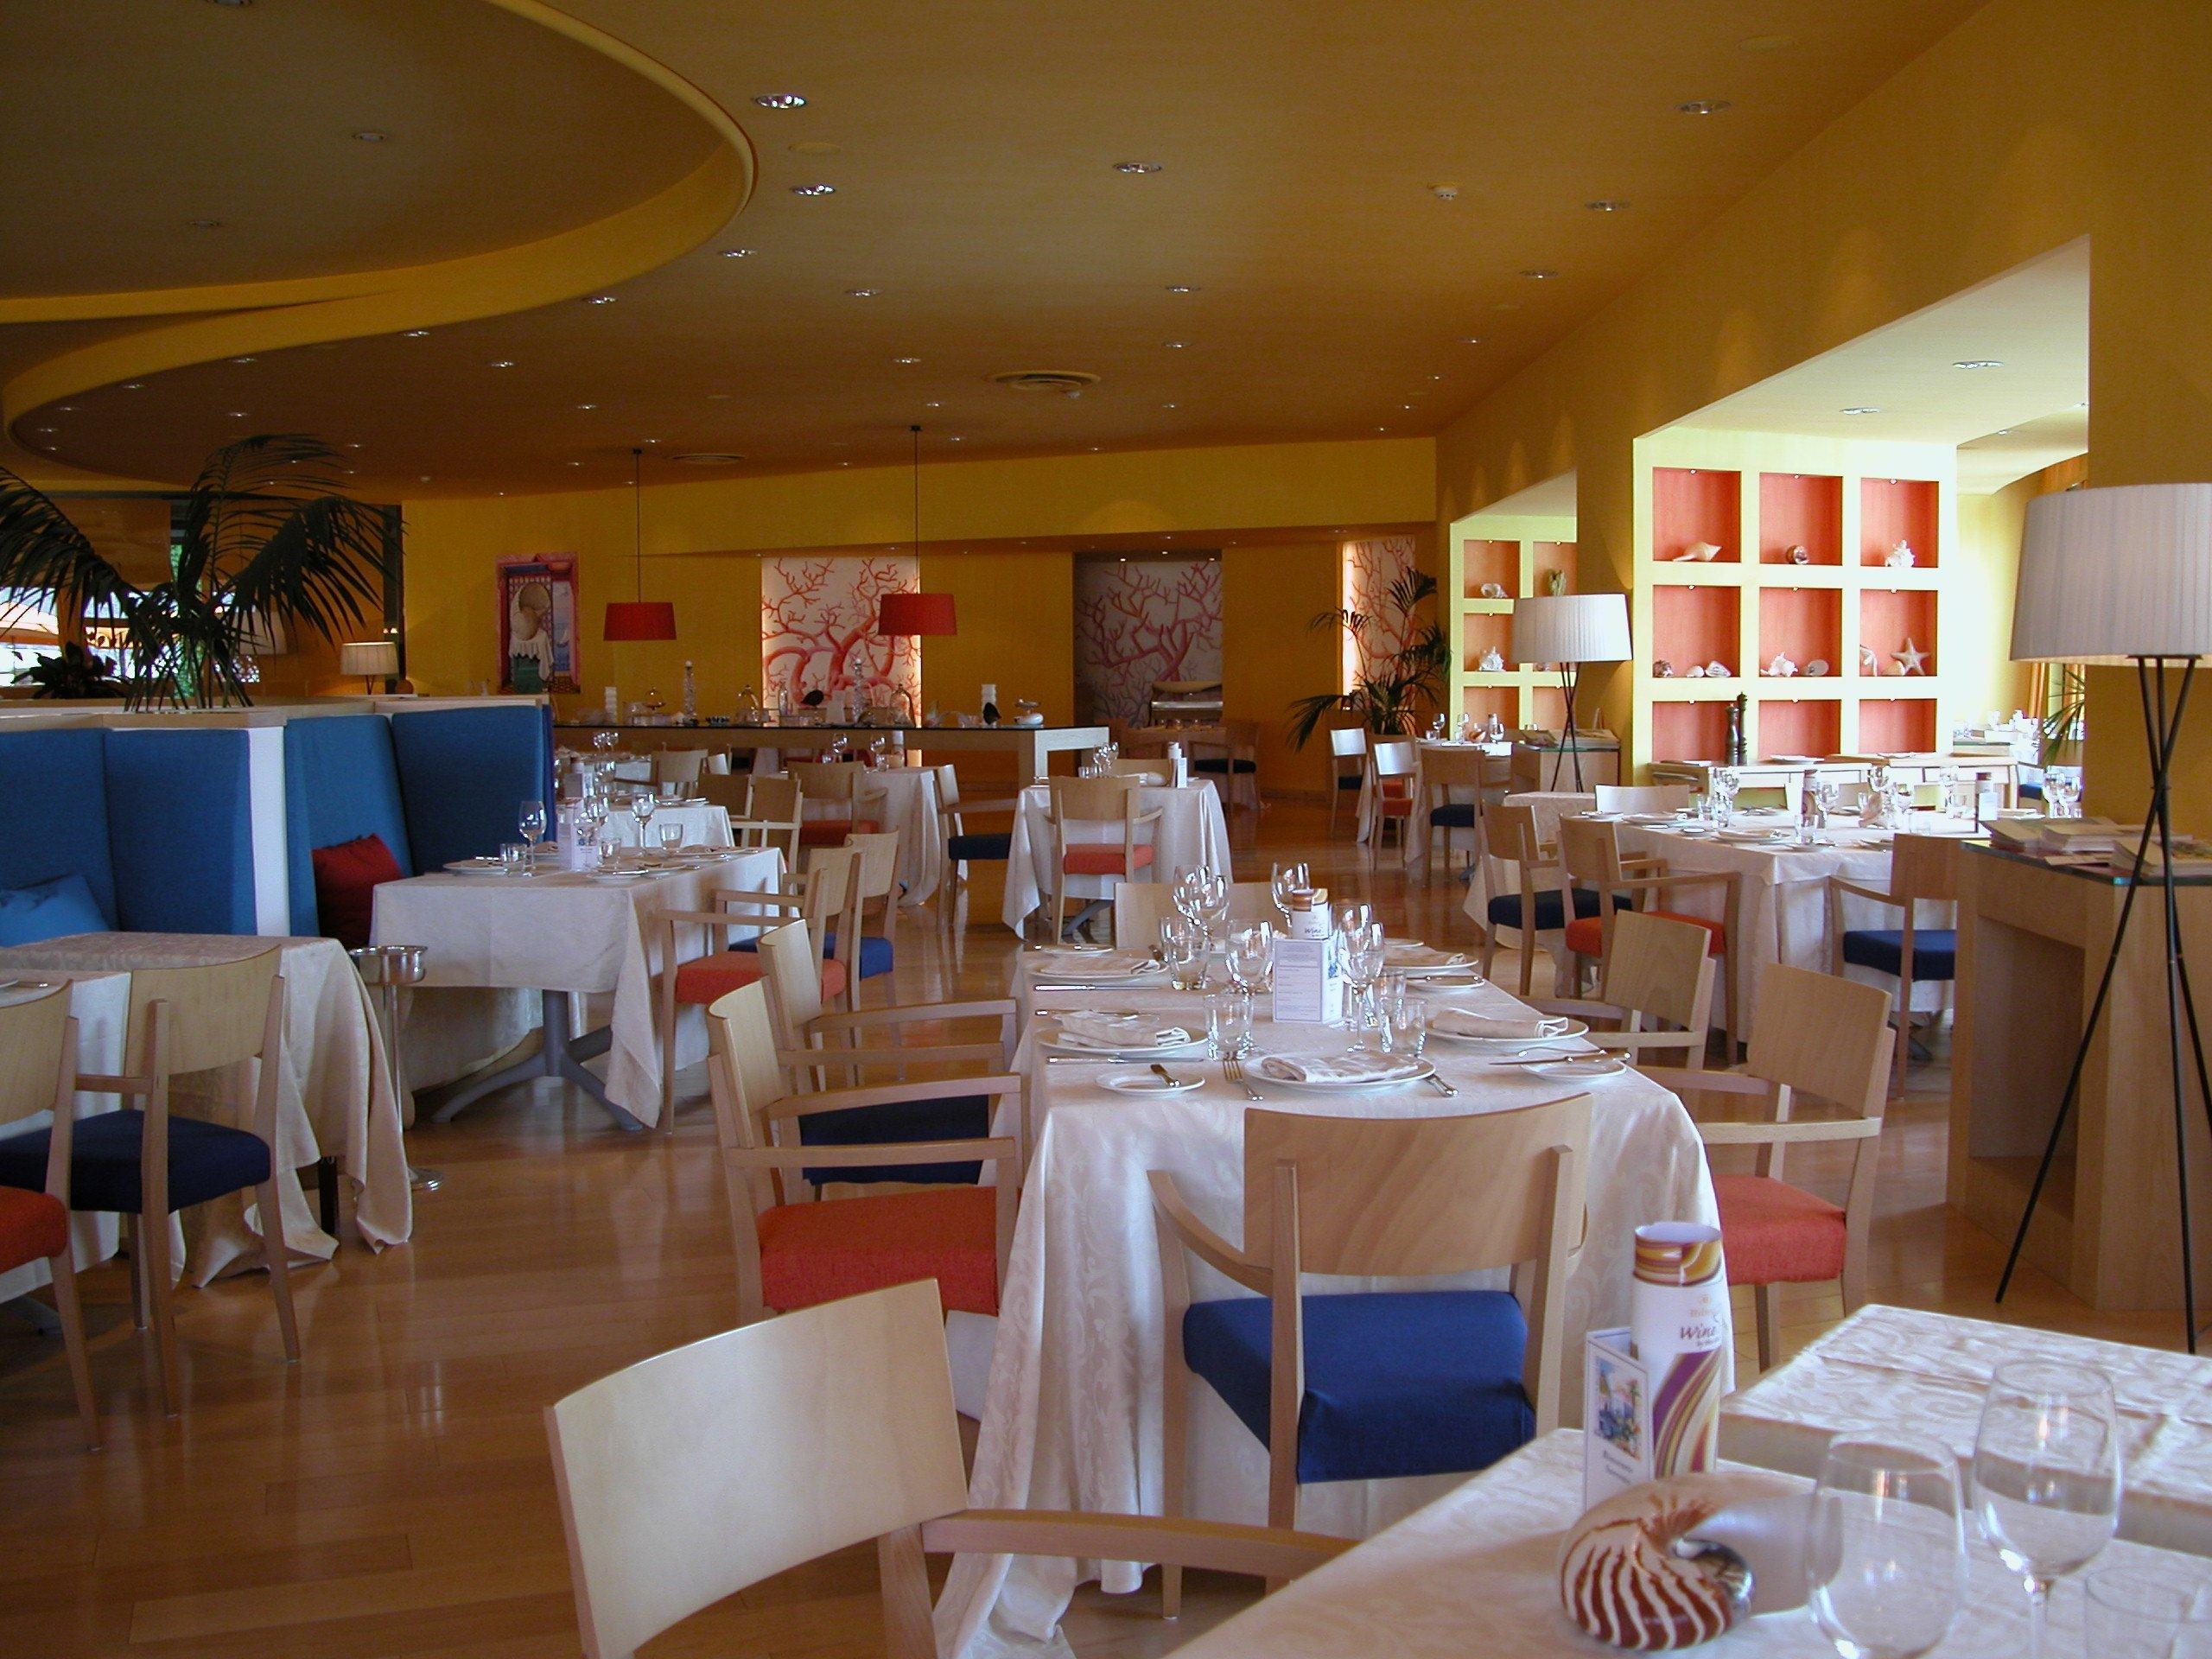 Interno di un ristorante d'hotel con tanti tavoli apparecchiati